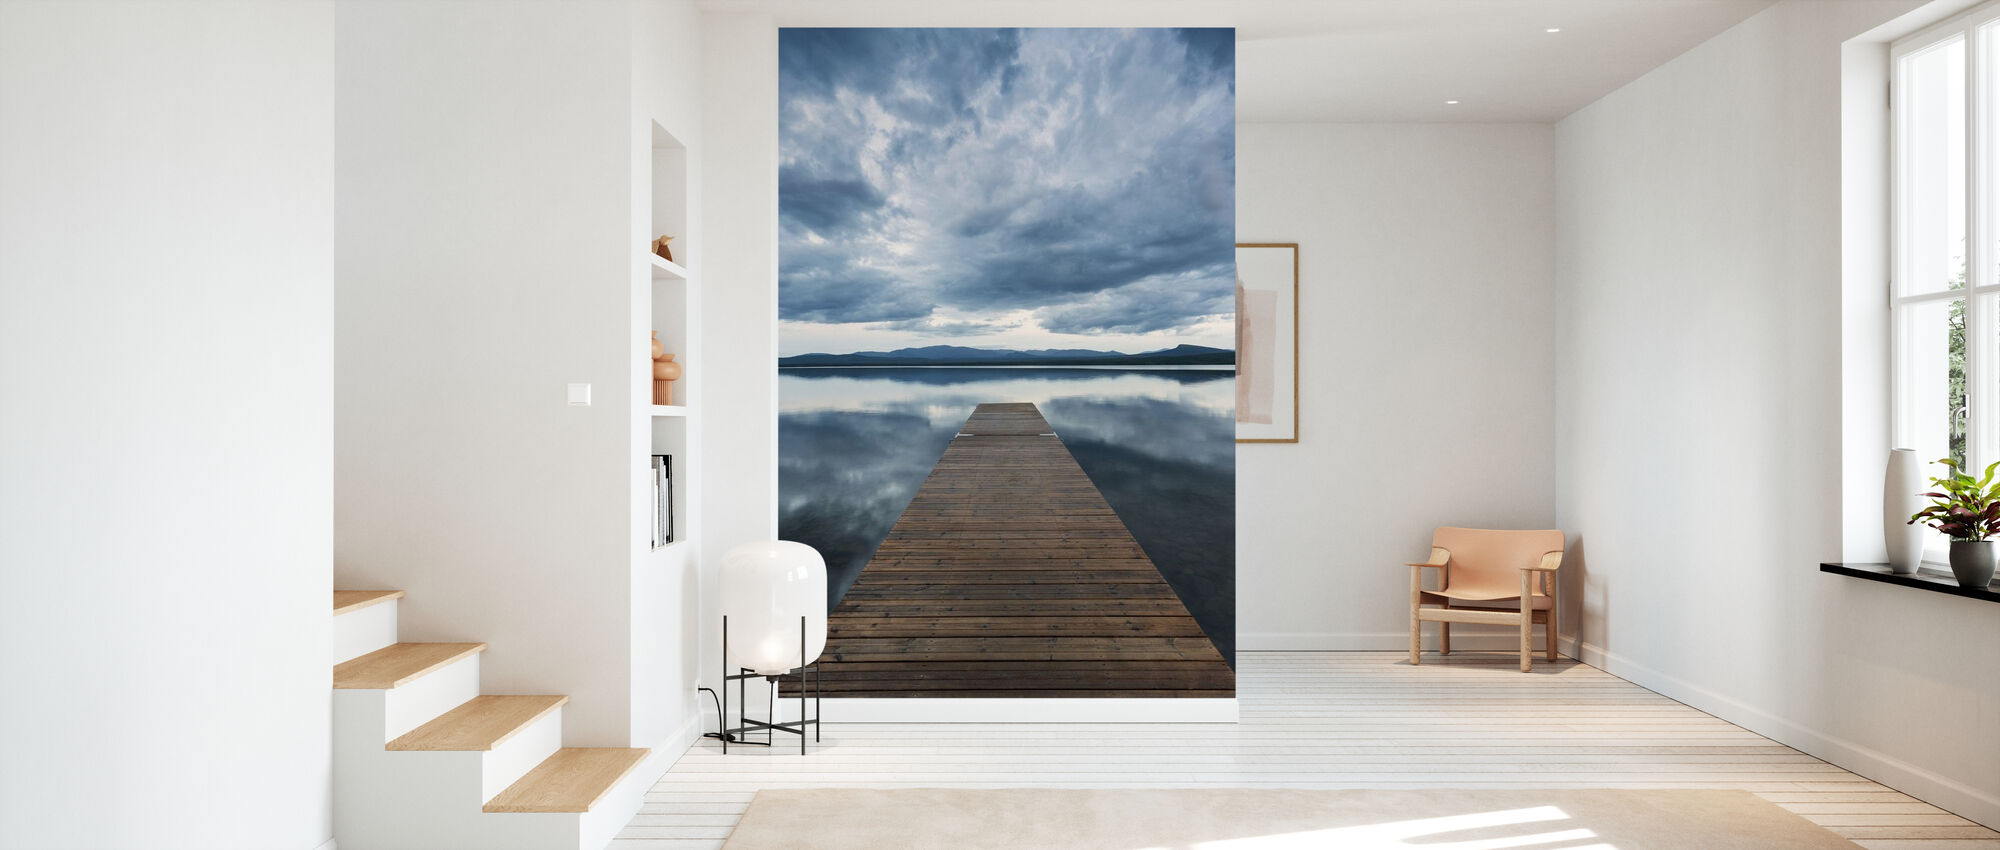 Pier Overcast - Wallpaper - Hallway